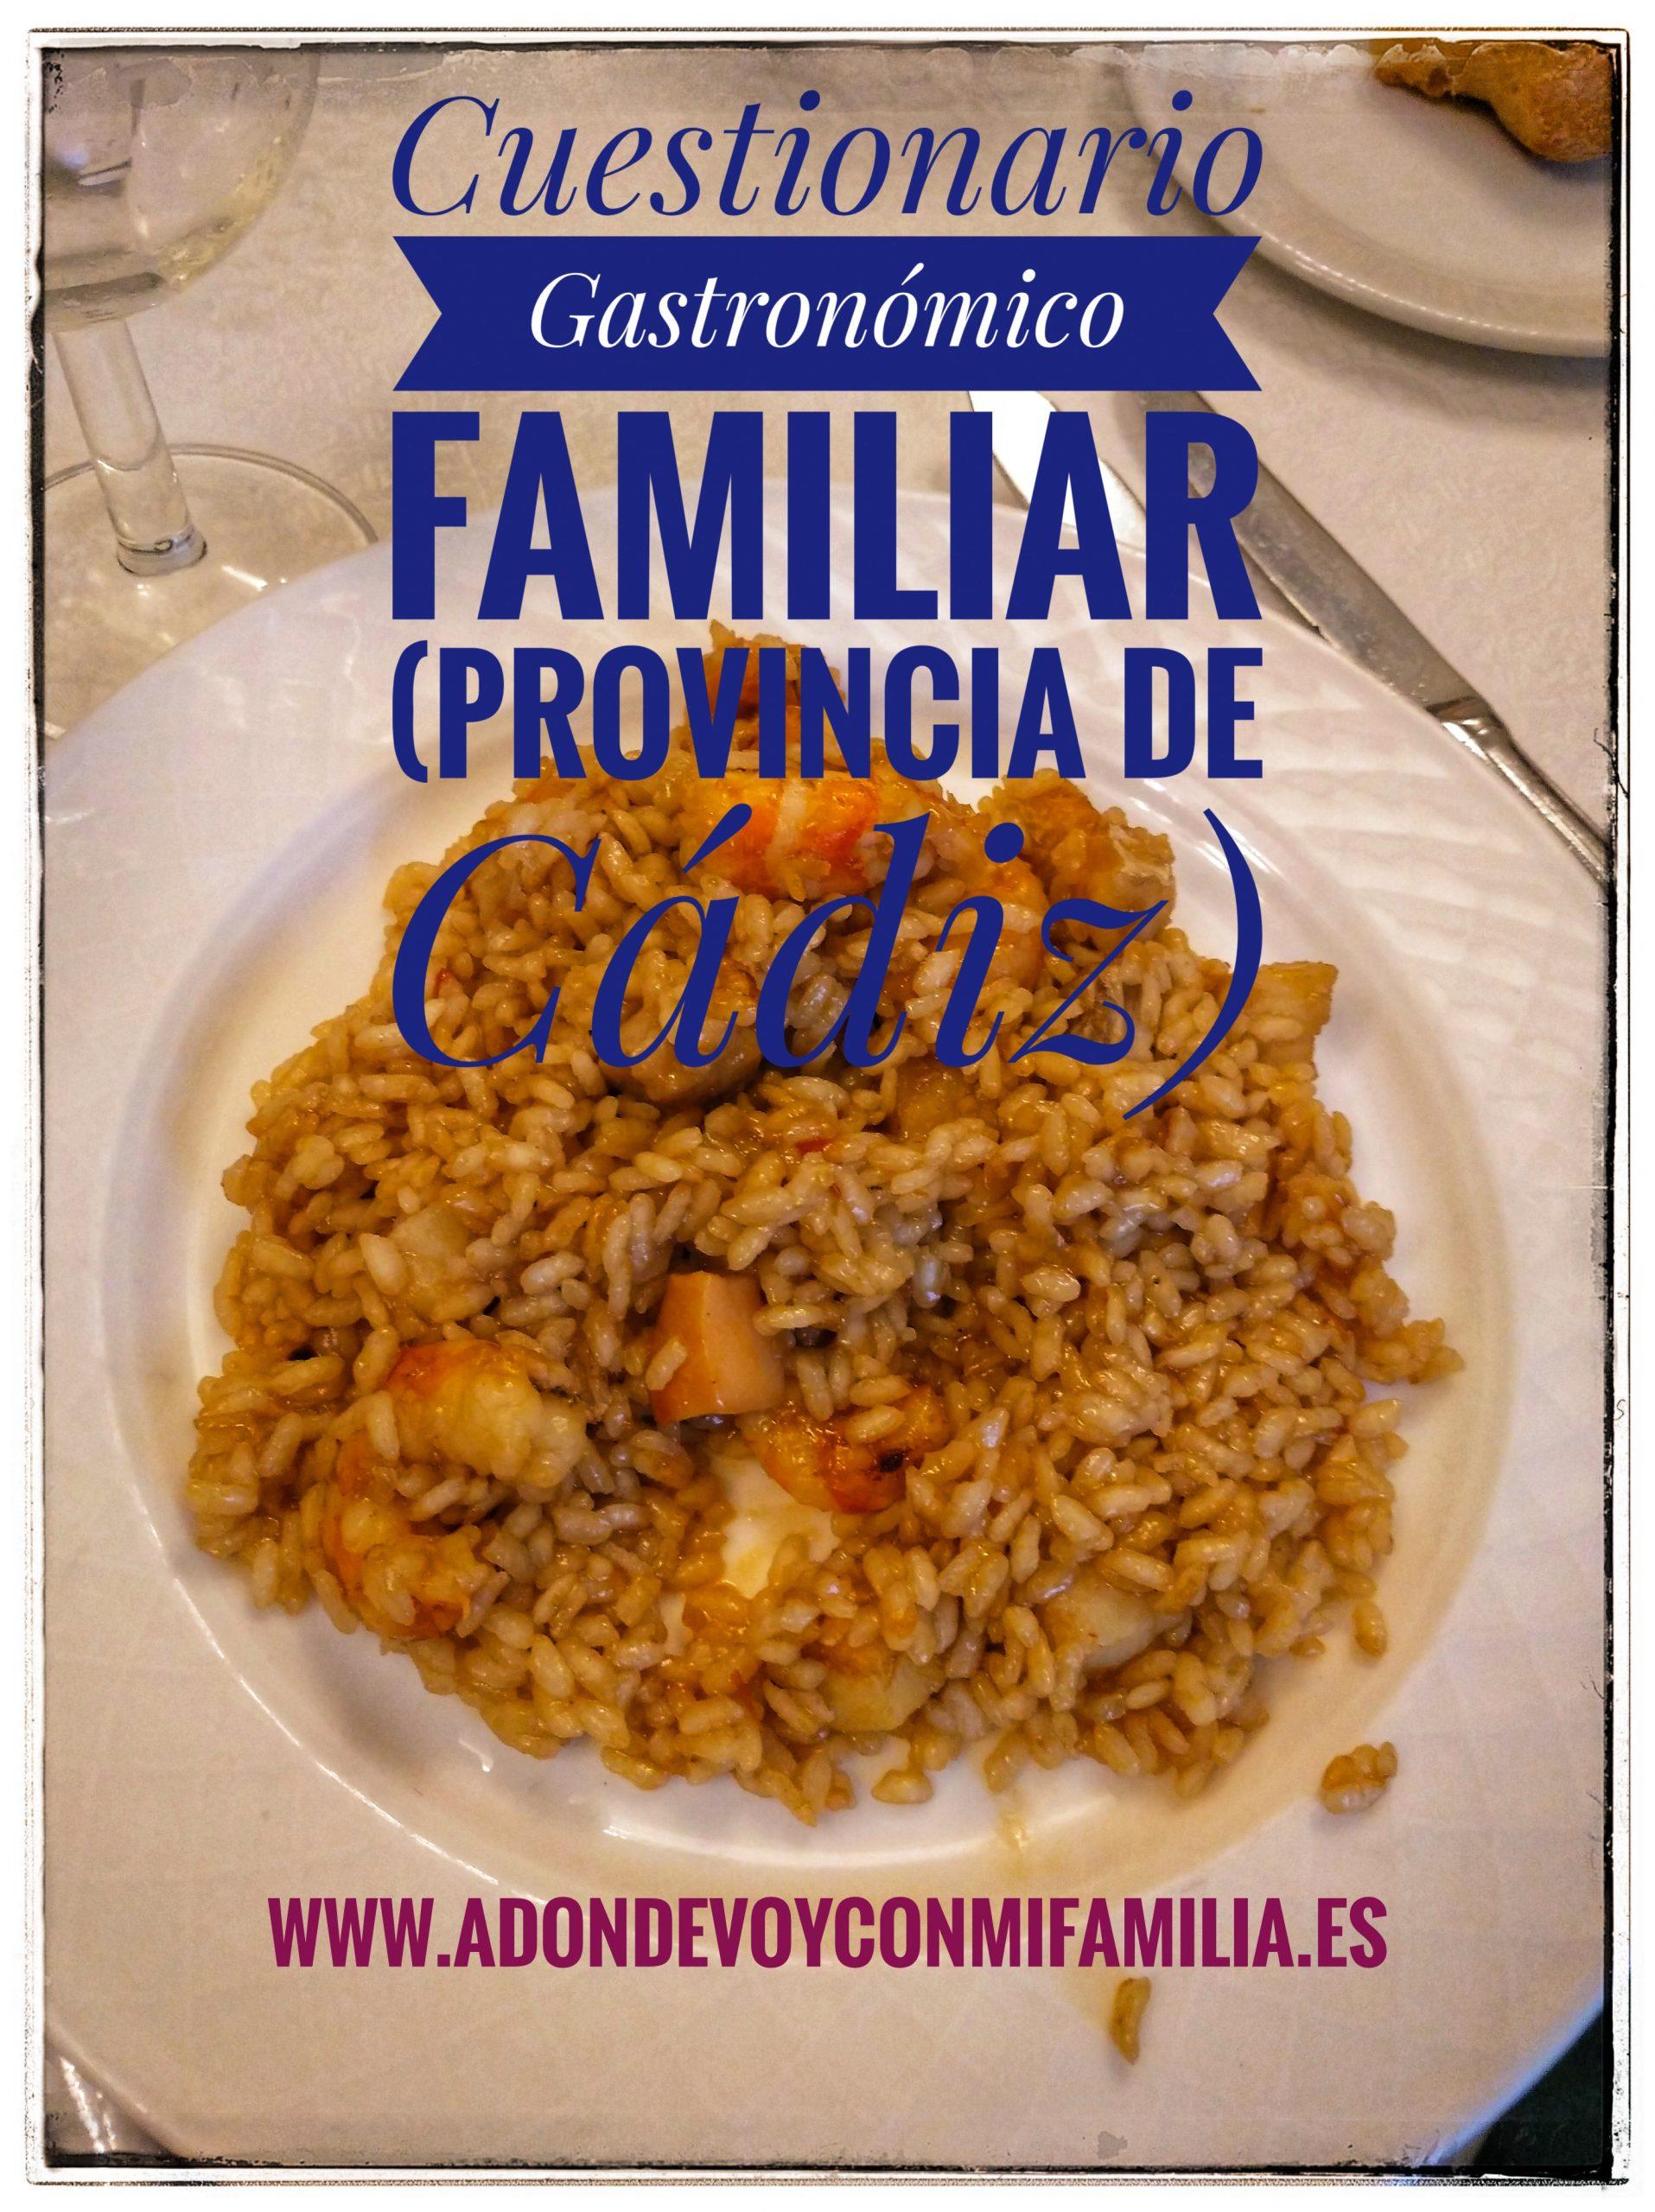 Cuestionario Gastronómico Familiar Provincia de Cádiz